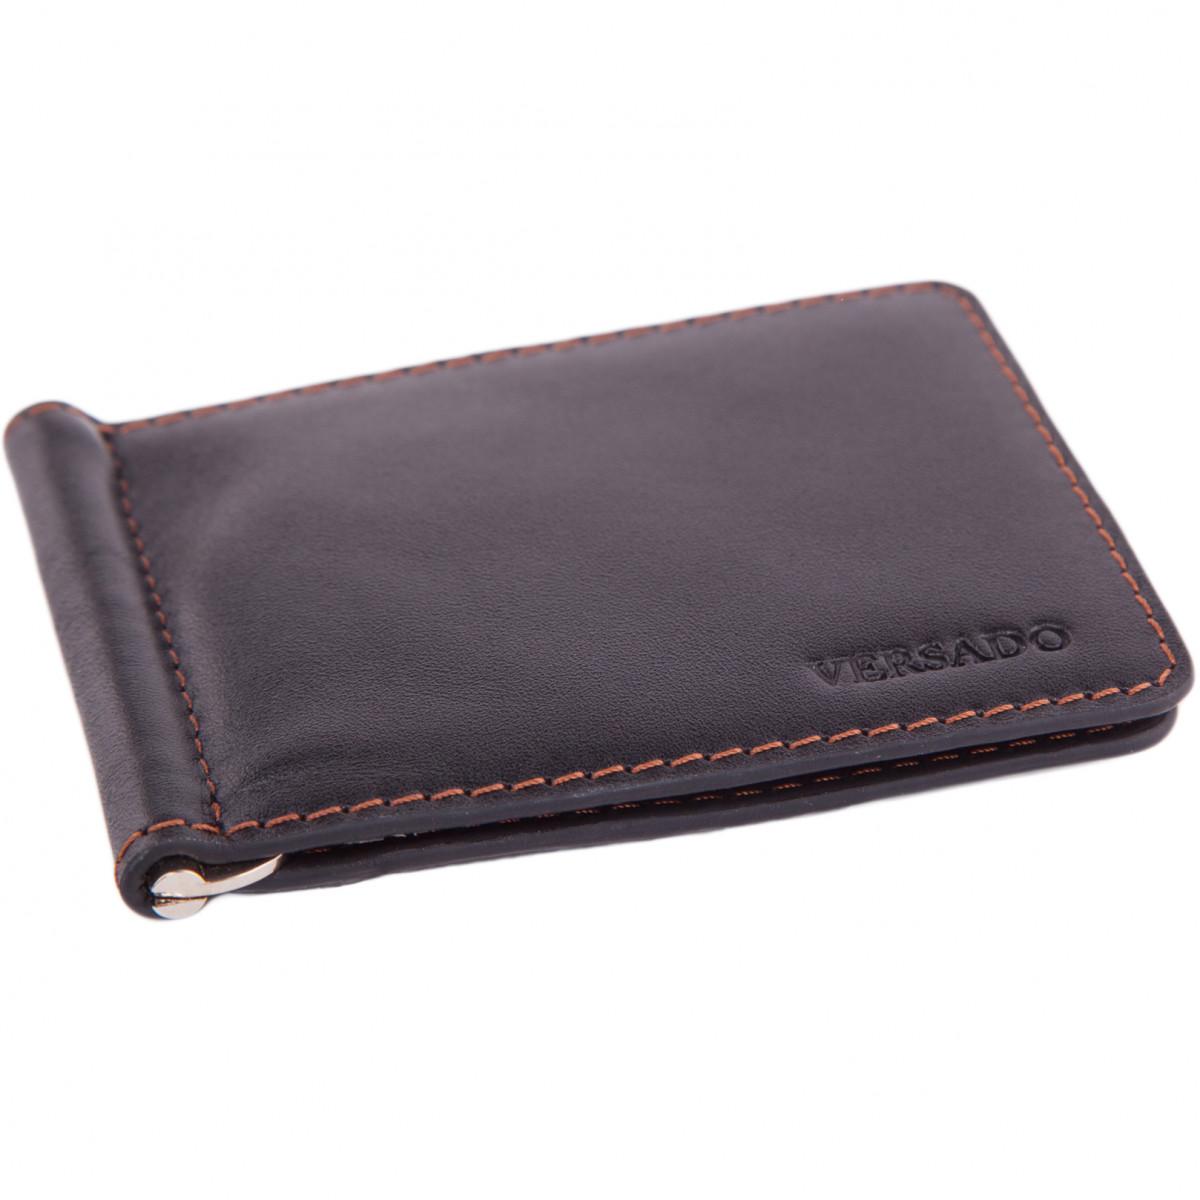 Зажим для денег Versado 133